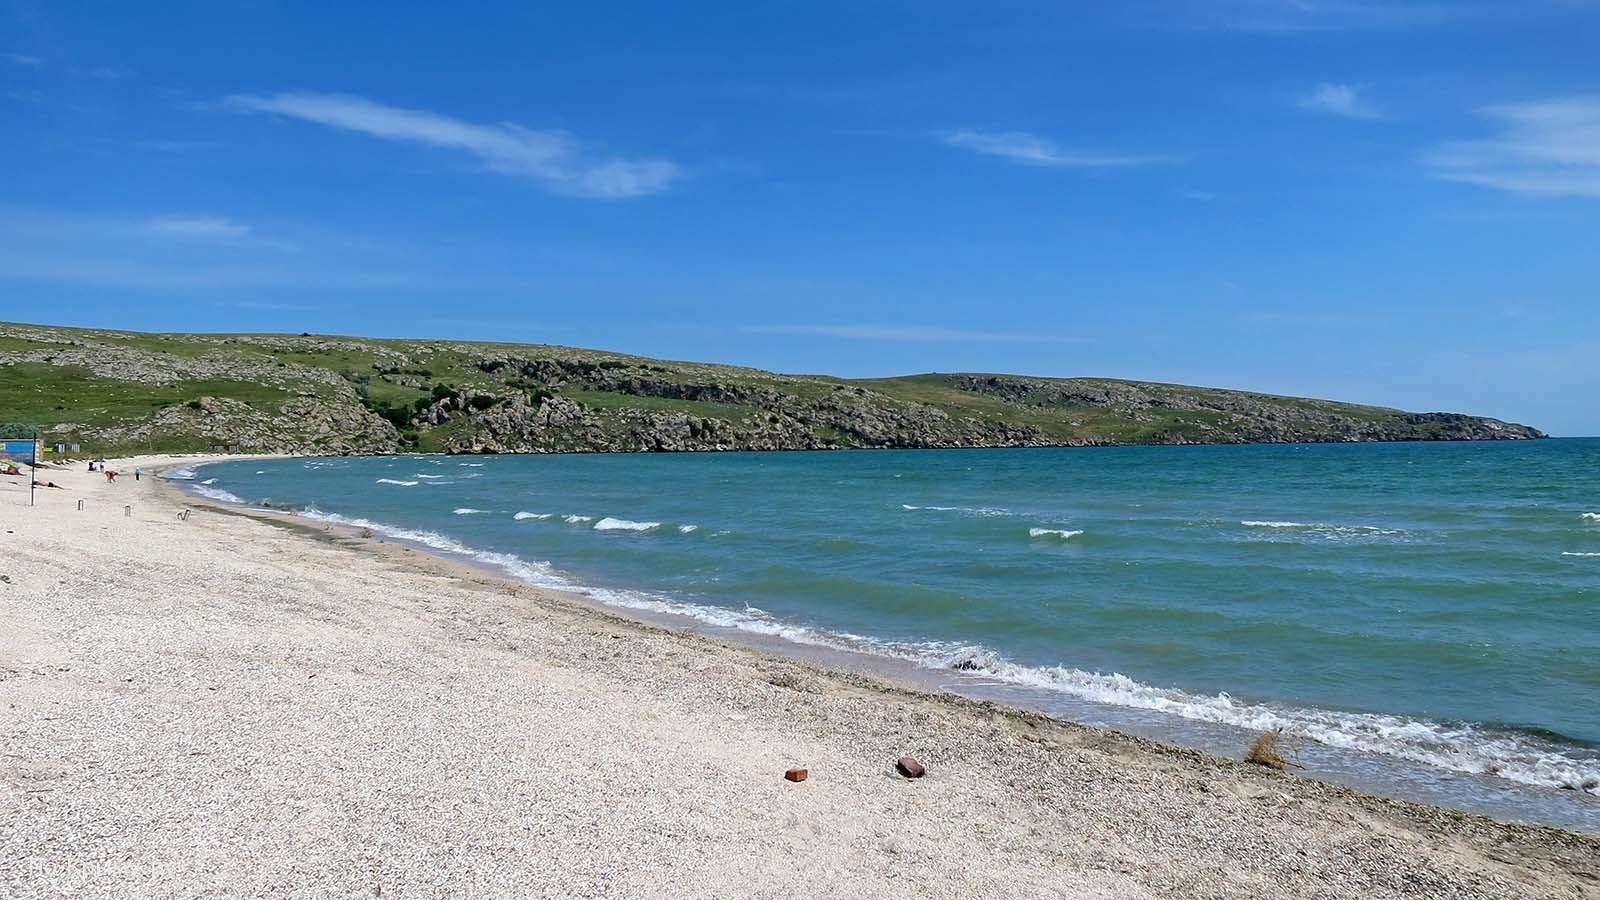 Серый песчано-галечный пляж поселка Мысовое